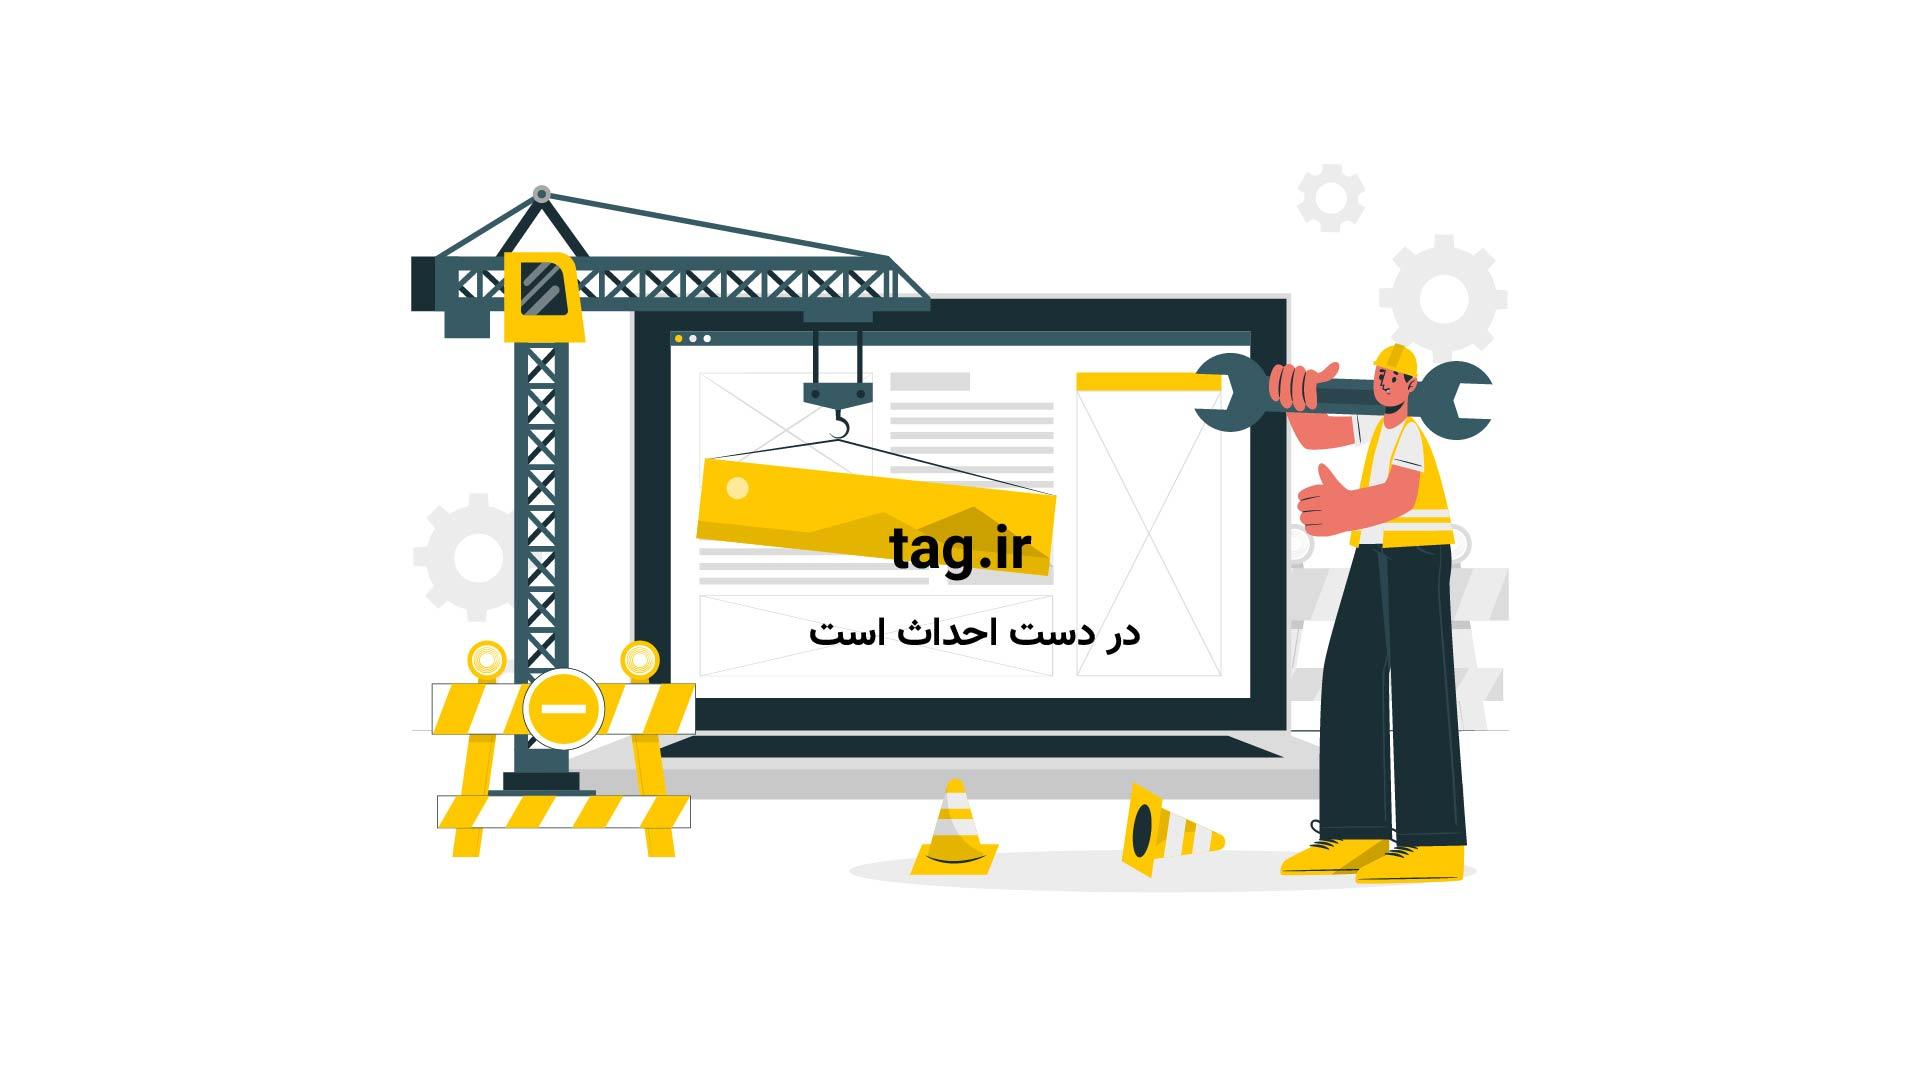 سخنرانی های تد؛ دیدار با ماشین های پرنده |فیلم